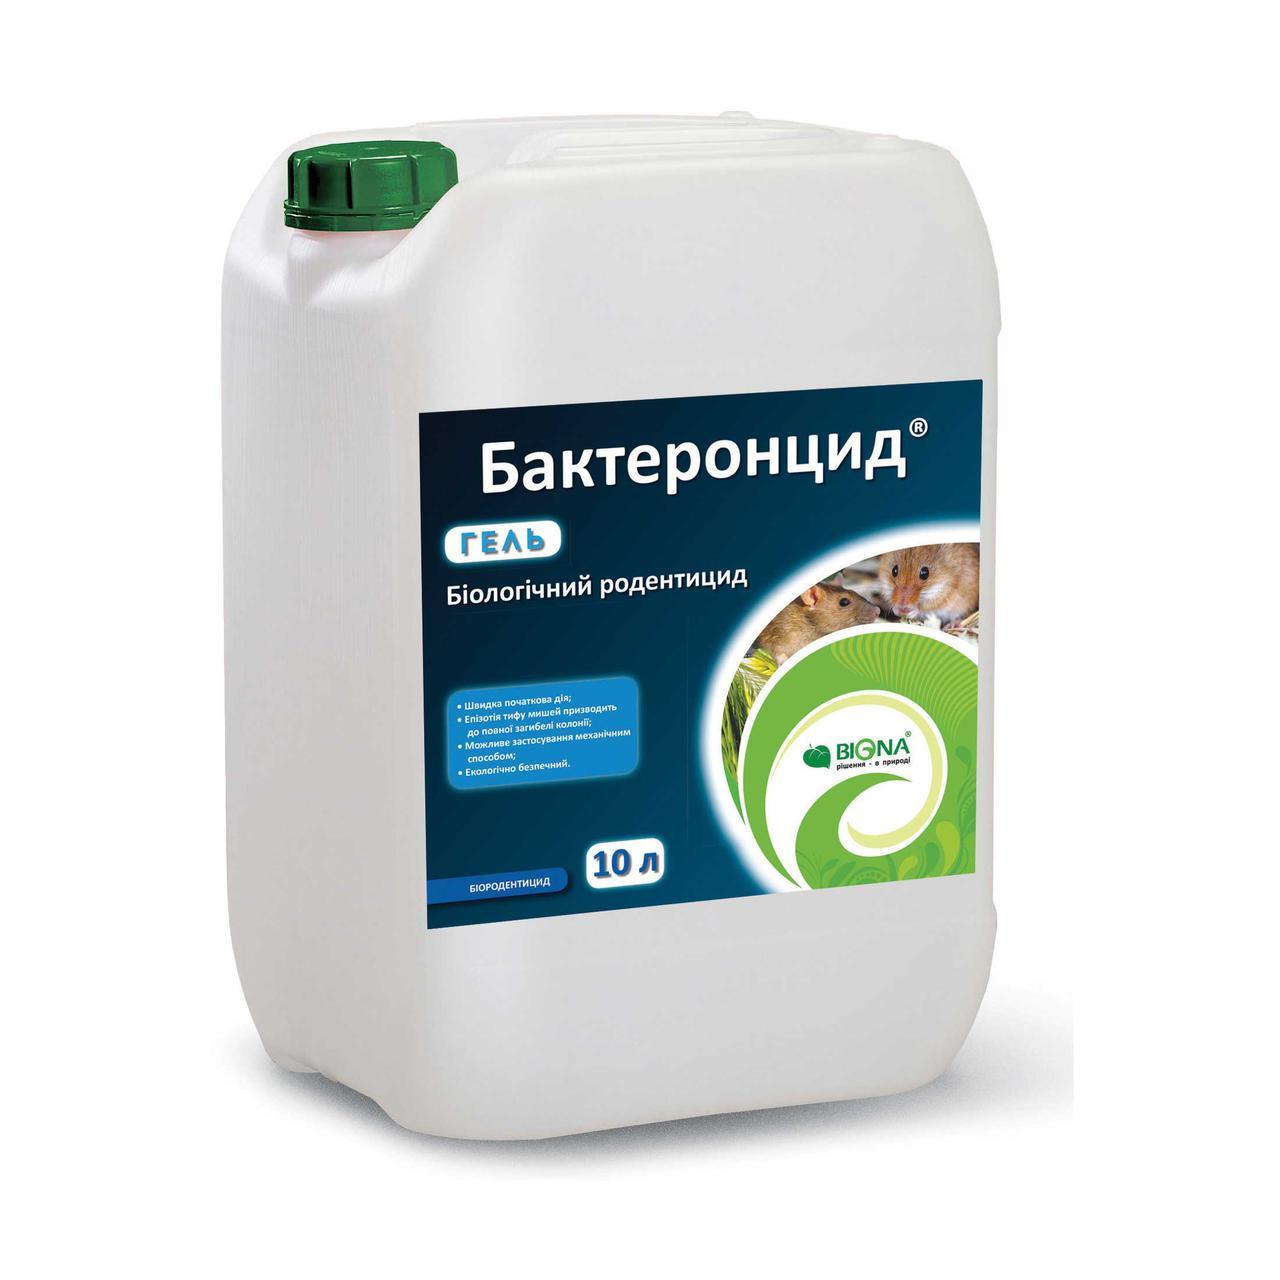 Родентицид «Бактеронцид гель» (для борьбы с грызунами), 10 л.